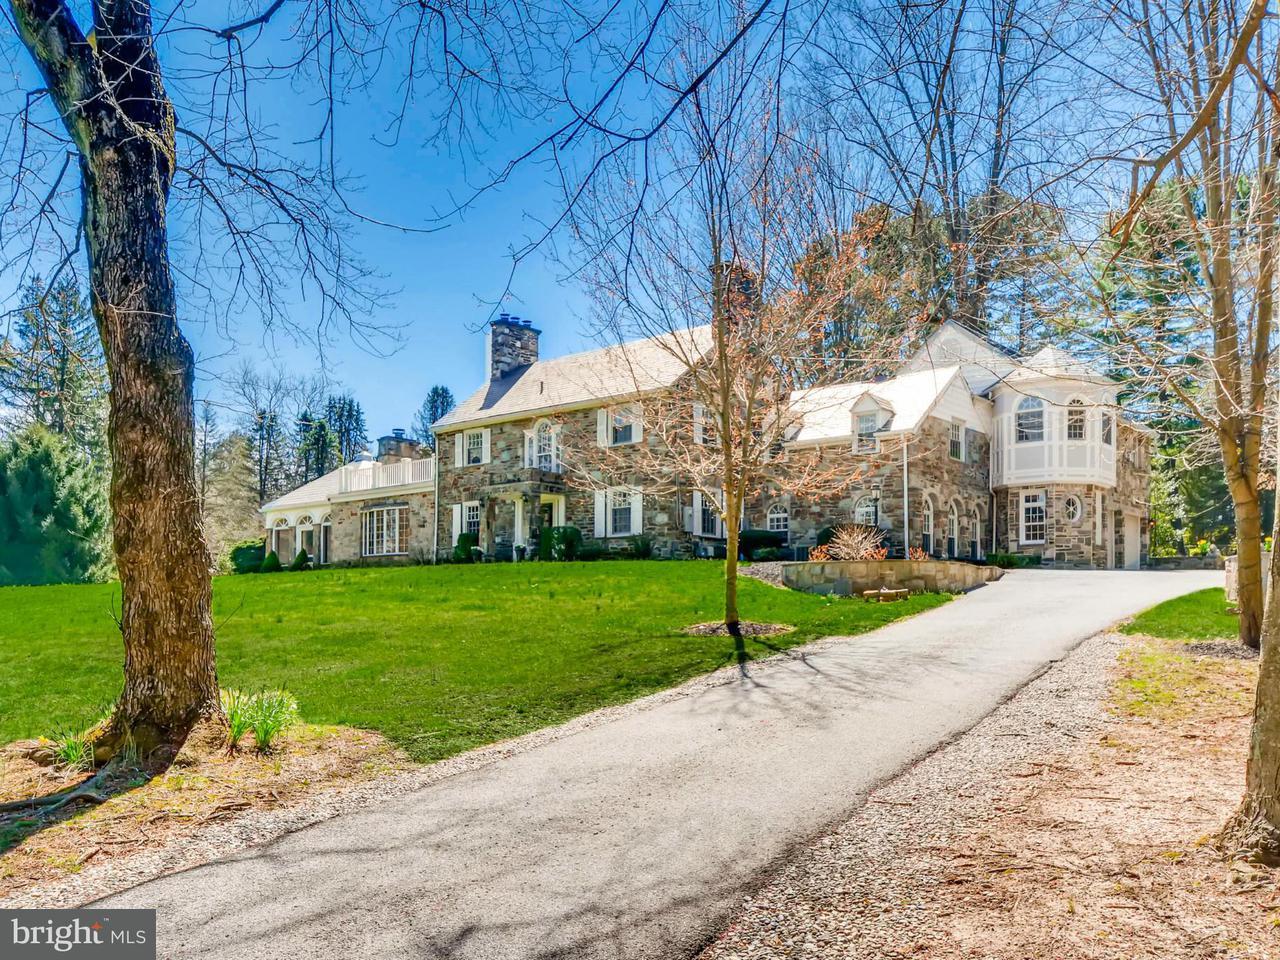 Single Family Home for Sale at 501 E SEMINARY Avenue 501 E SEMINARY Avenue Towson, Maryland 21286 United States